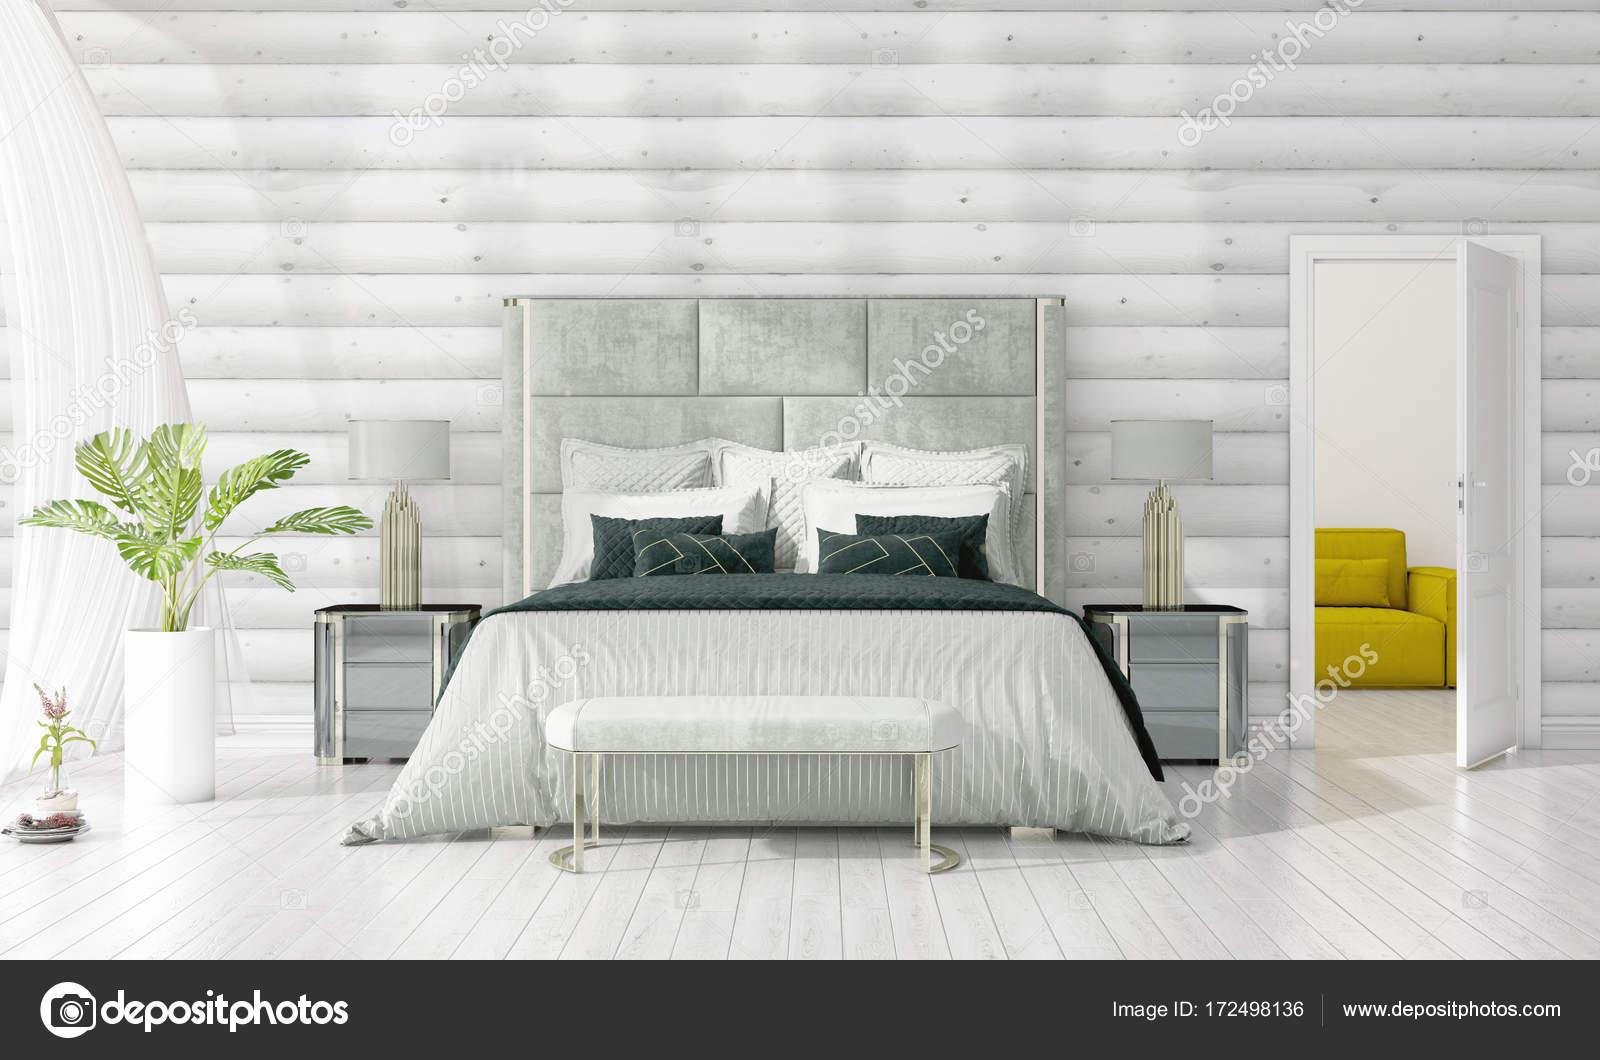 Arredamento moderno della camera da letto in voga con la ...